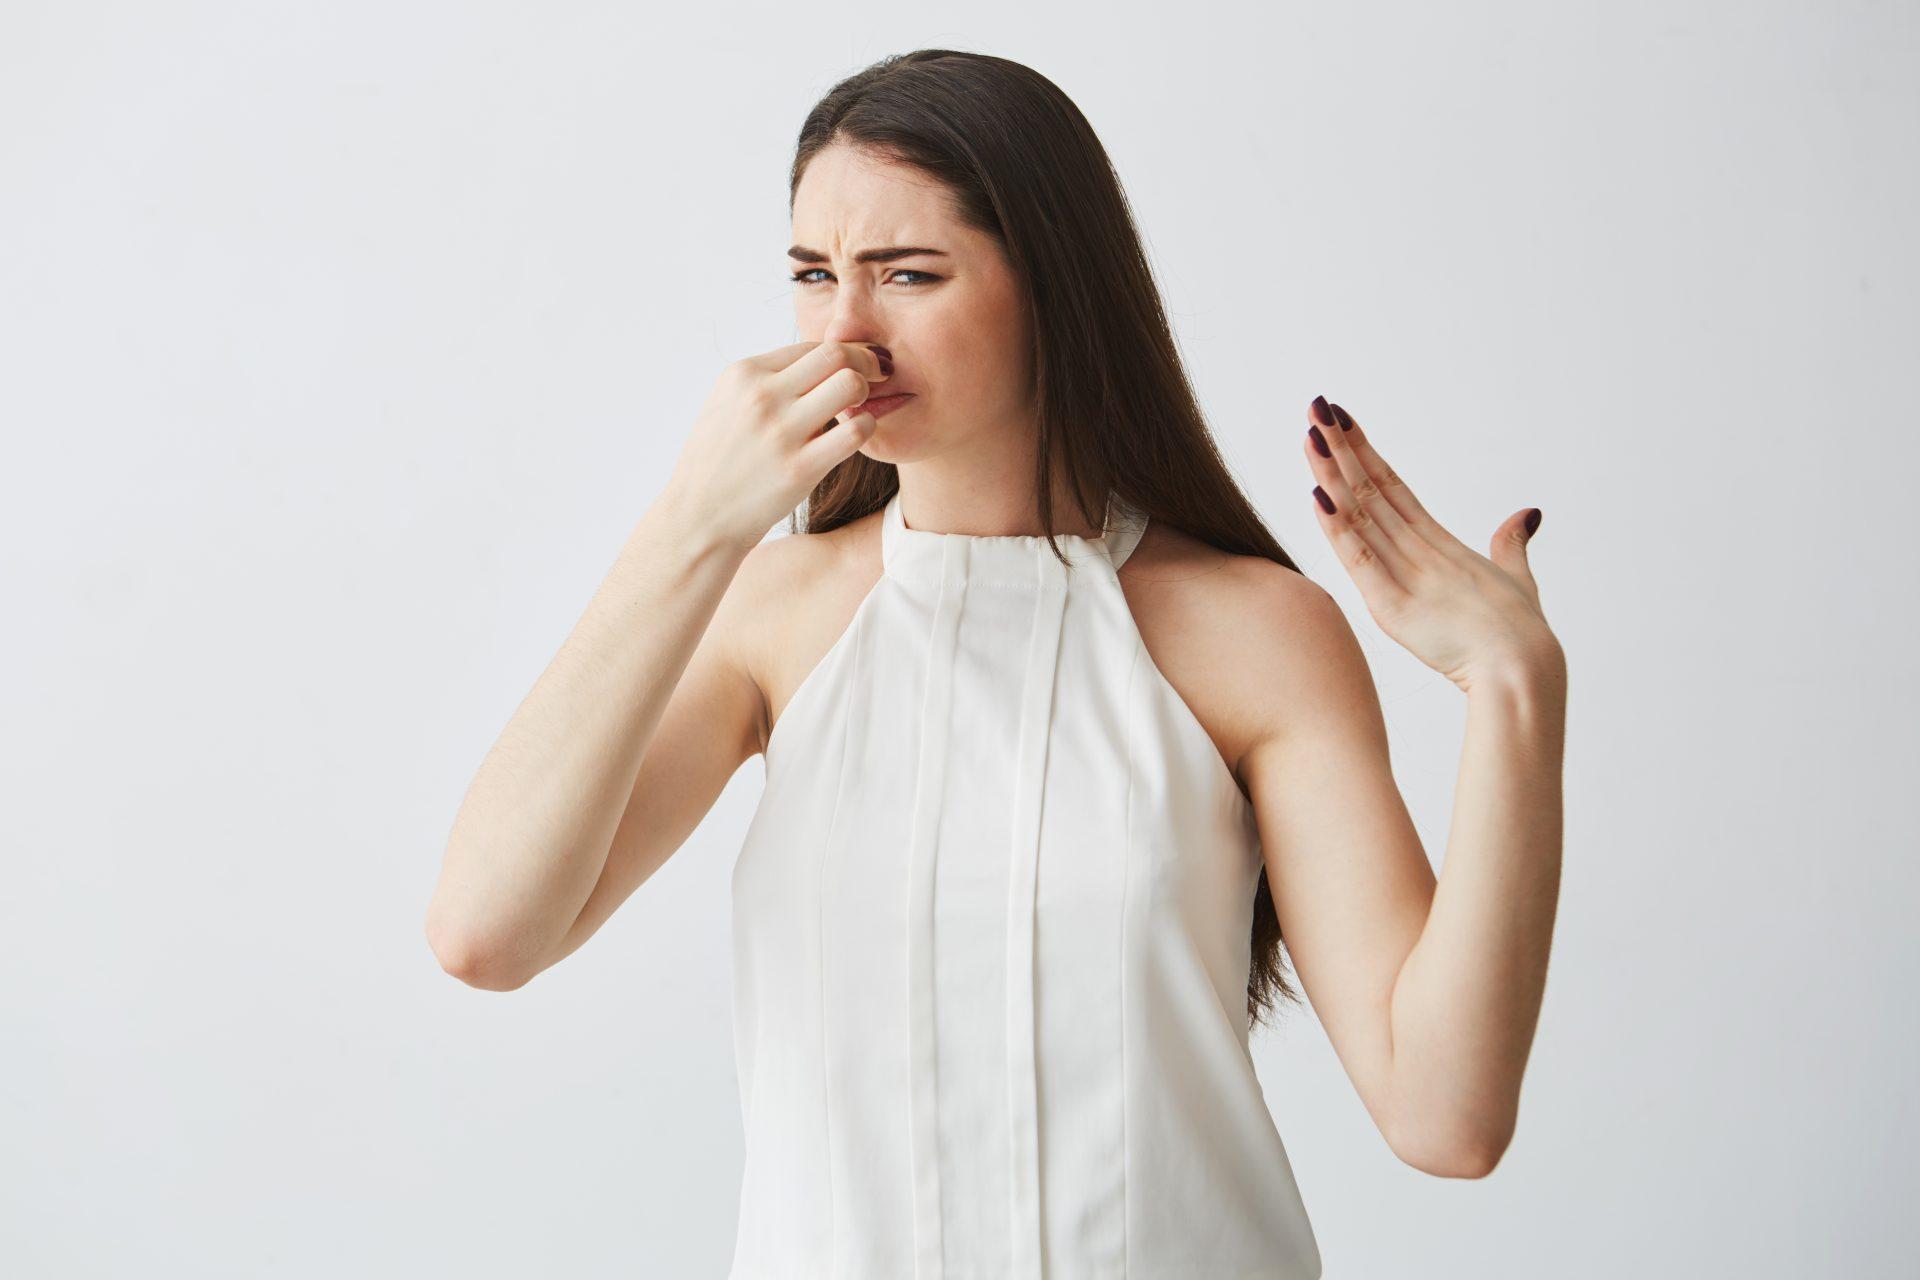 Kötü Ağız Kokusundan Kurtulmanız İçin 9 Öneri!